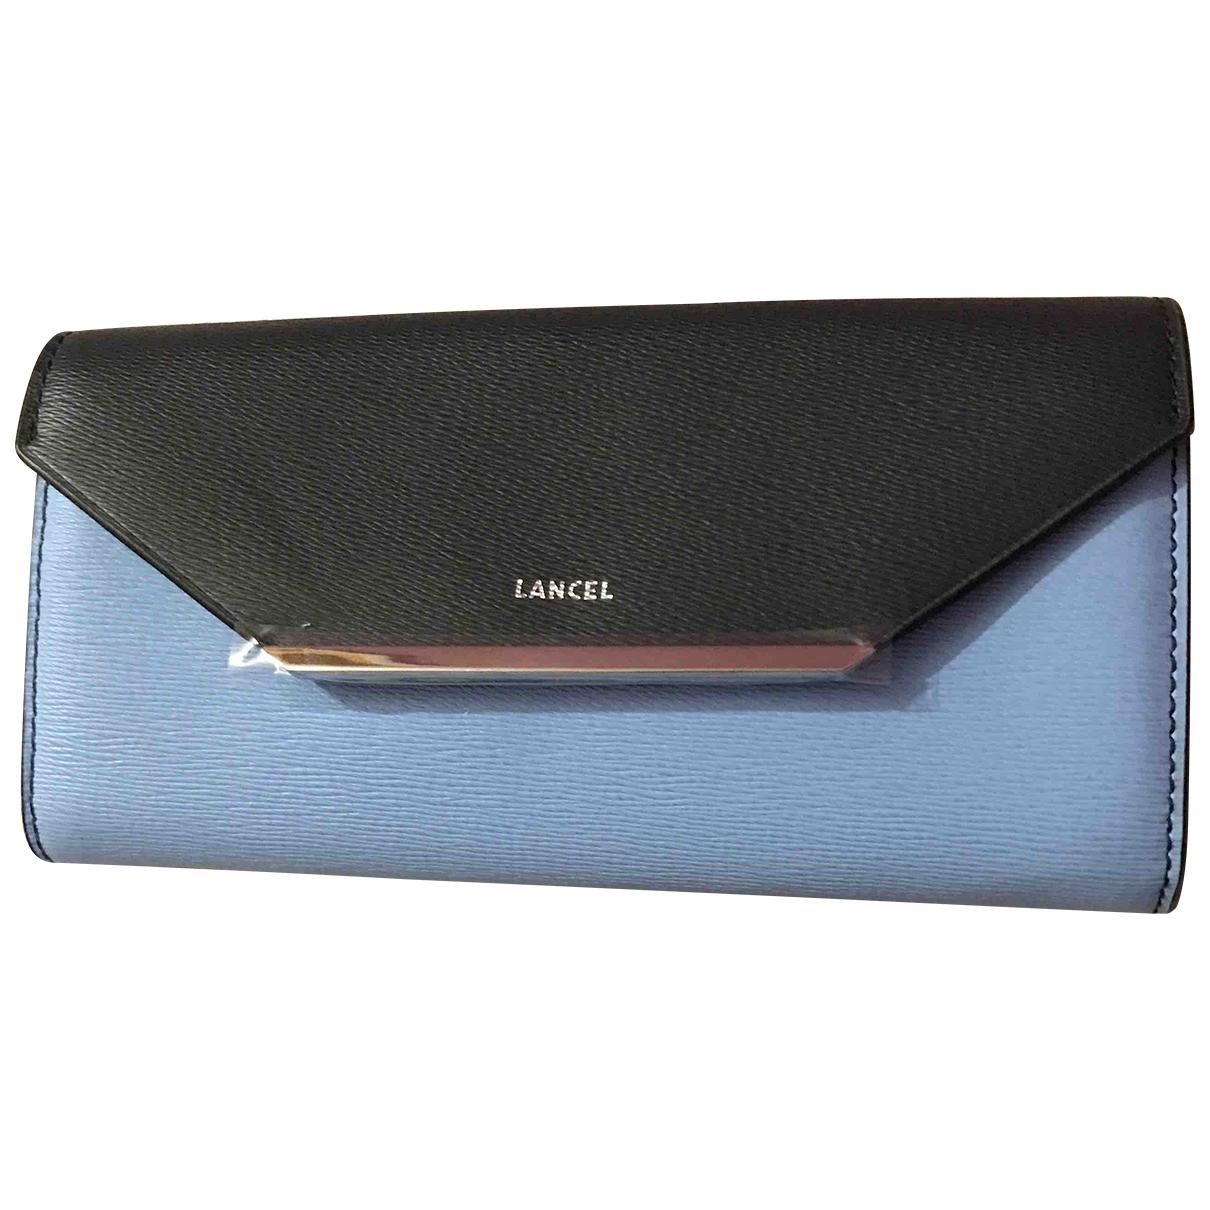 Lancel - Portefeuille Enveloppe pour femme en cuir - bleu